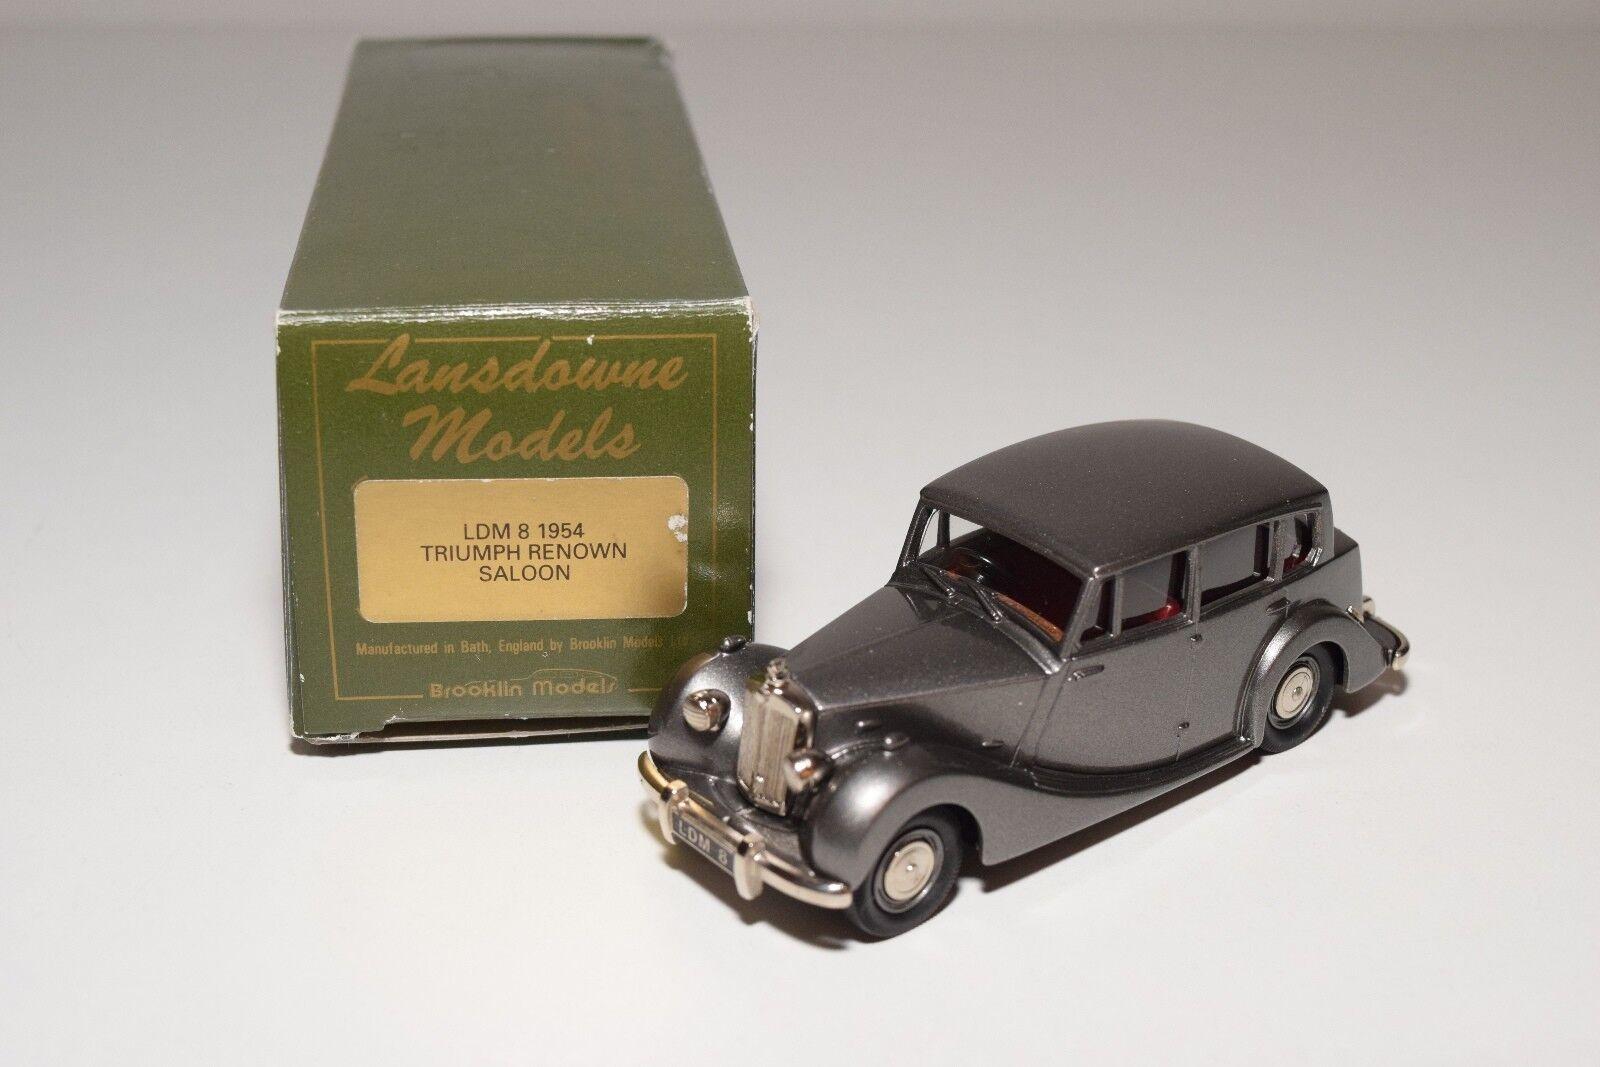 venta  @ LANSDOWNE LANSDOWNE LANSDOWNE MODELS LDM 8 1954 TRIUMPH RENOWN SALOON gris MINT BOXED  barato